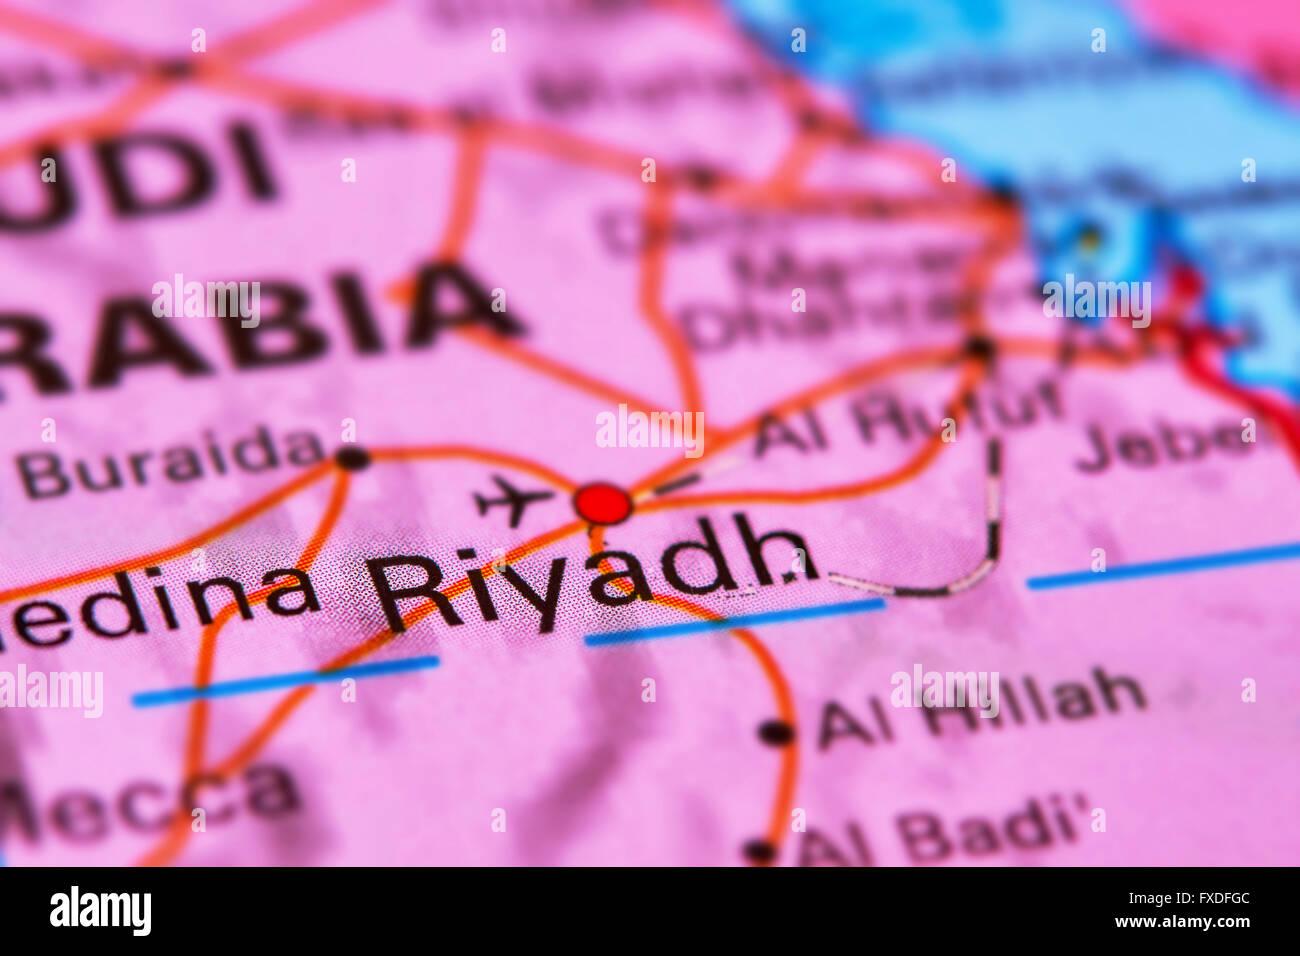 Riyadh, Capitale de l'Arabie saoudite au Moyen-Orient sur la carte du monde Photo Stock